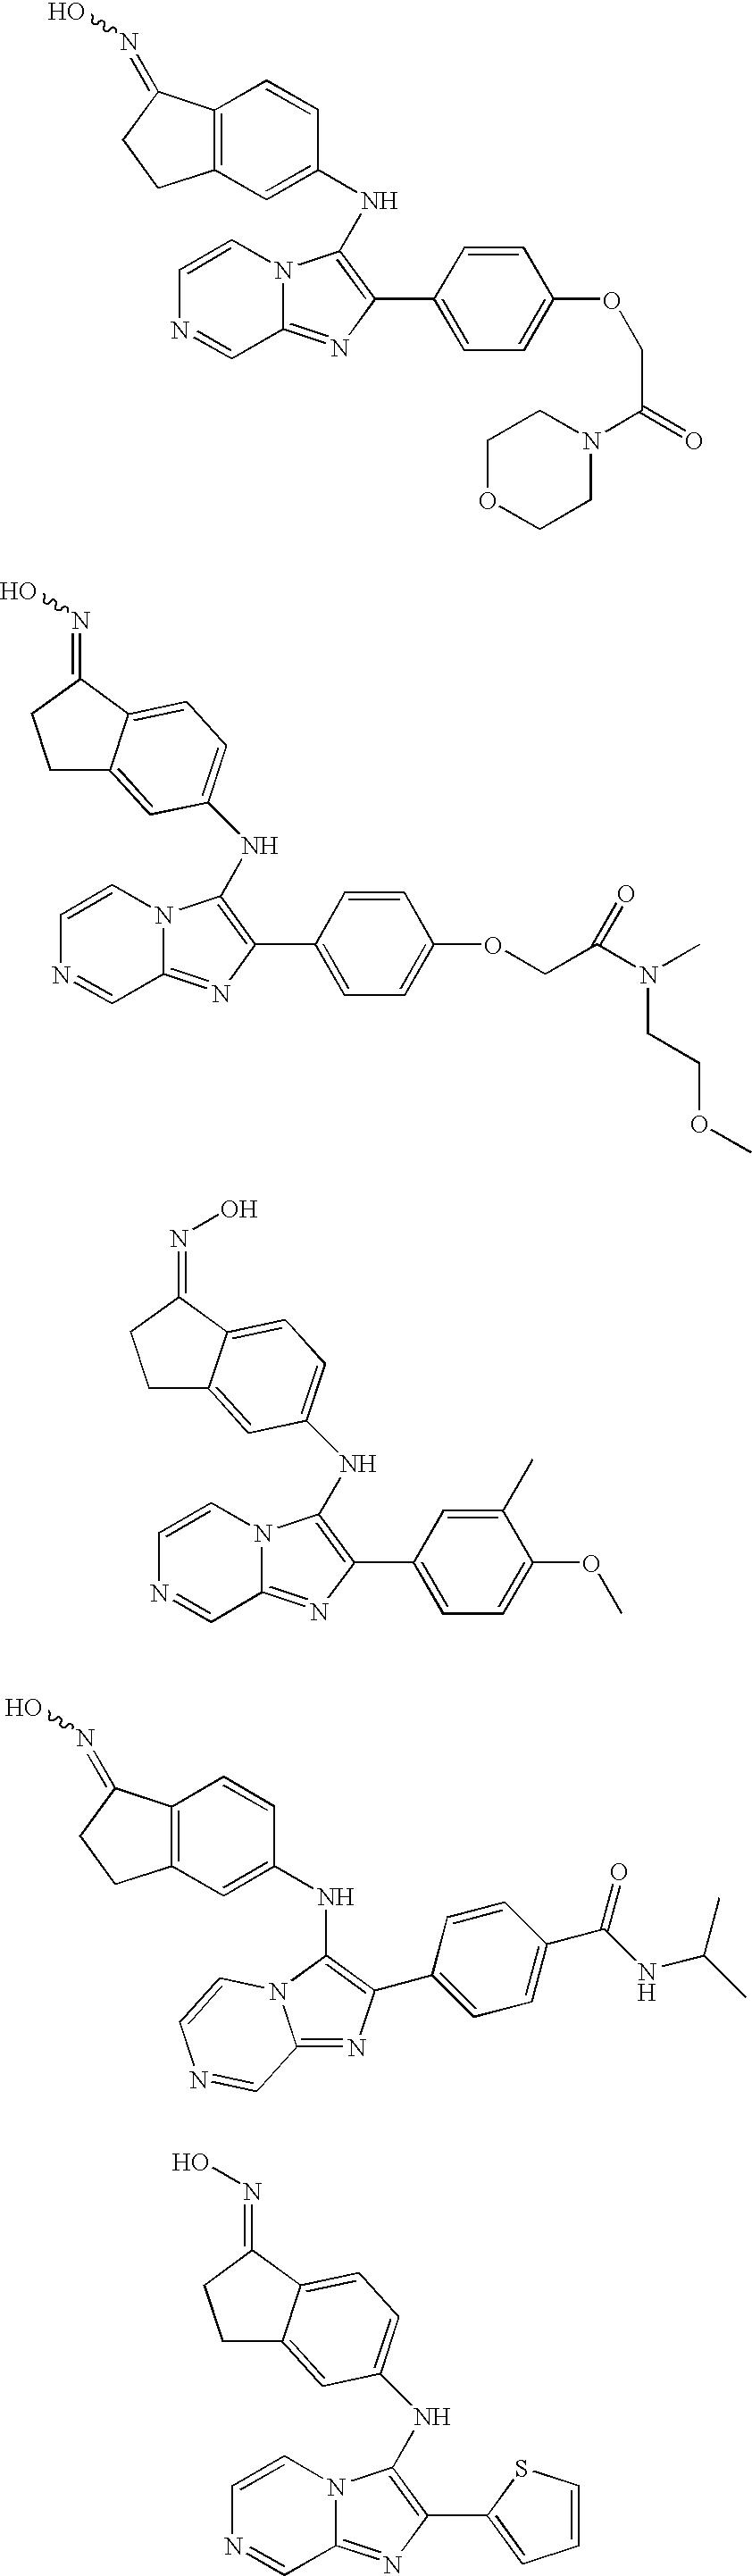 Figure US07566716-20090728-C00141